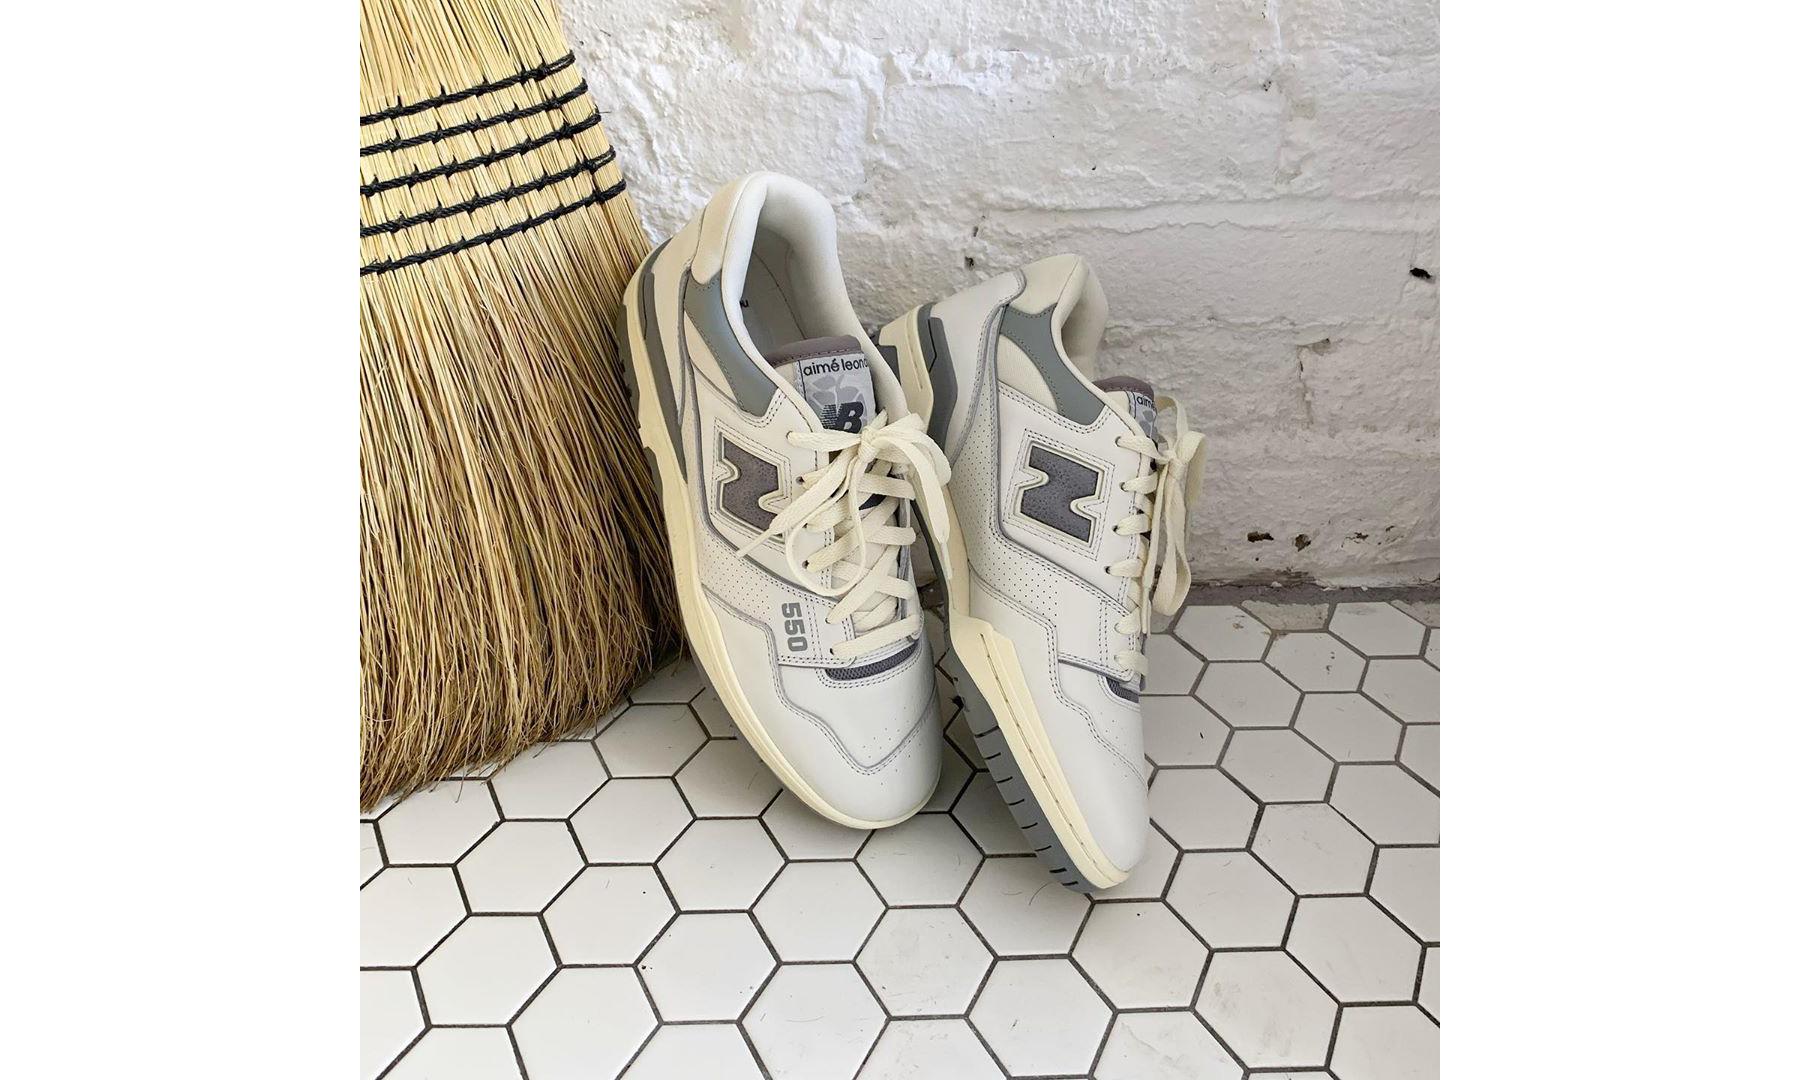 时隔 31 年回归,Aimé Leon Dore x New Balance P550 联名鞋款登场